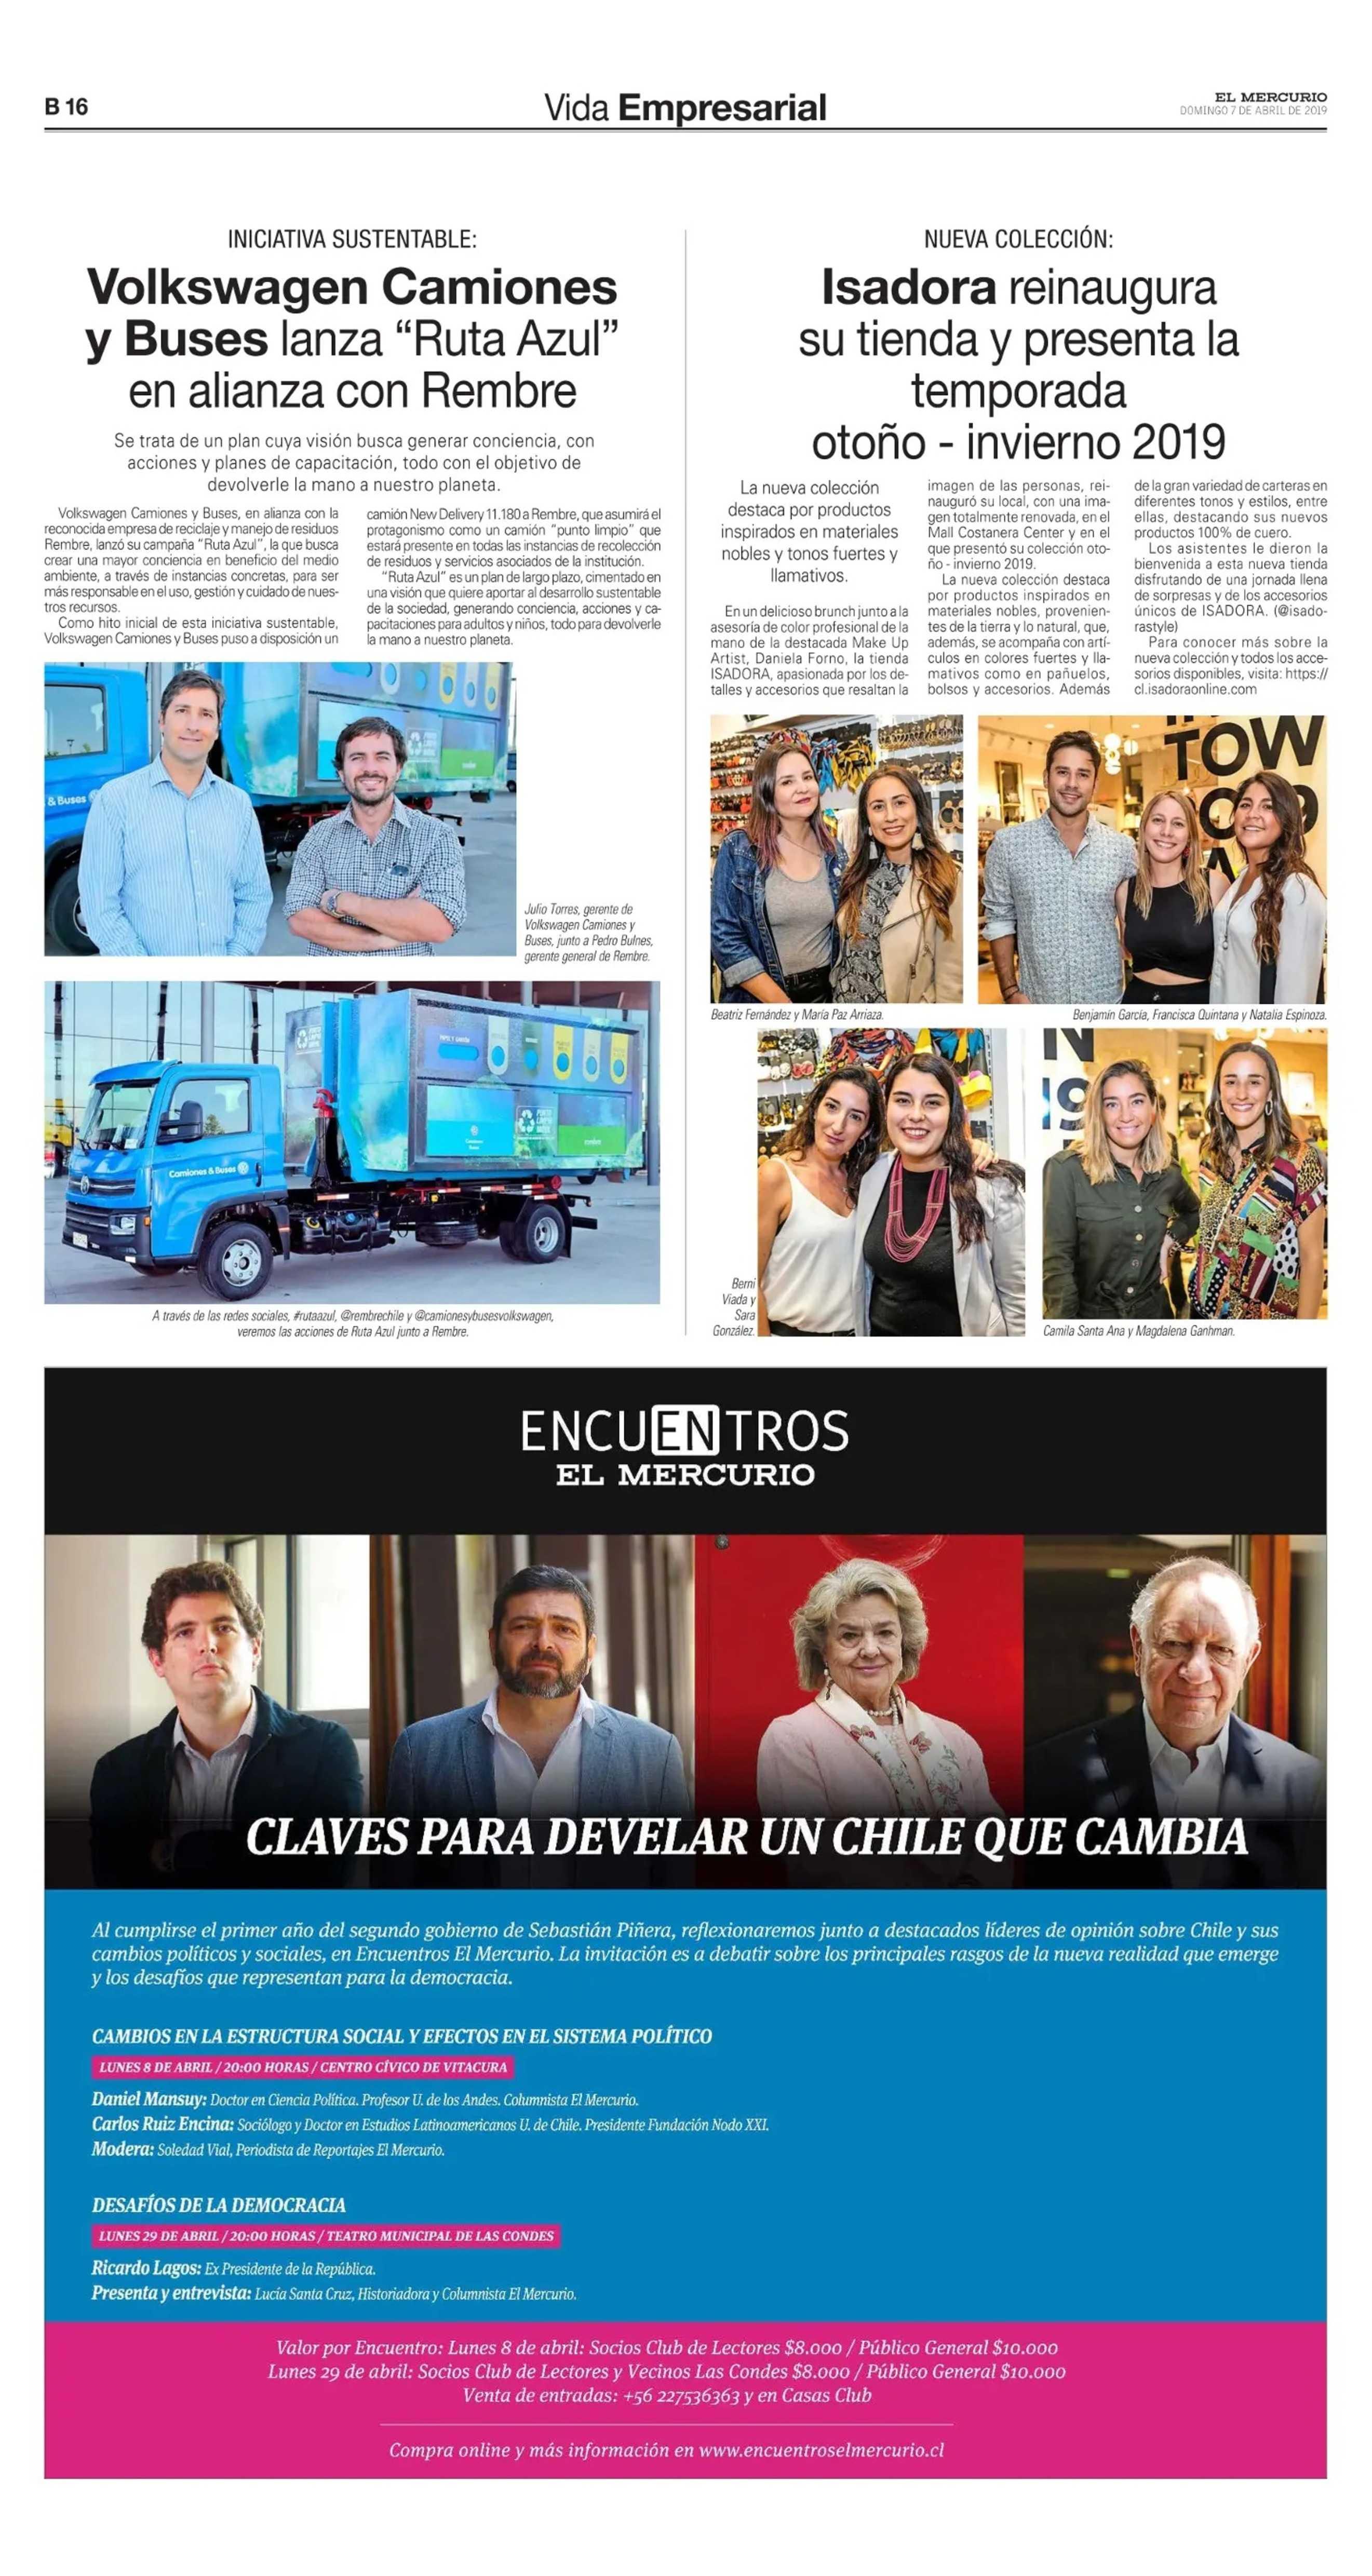 El Mercurio, Vida Empresarial, VW Camiones y Buses lanza Ruta Azul.